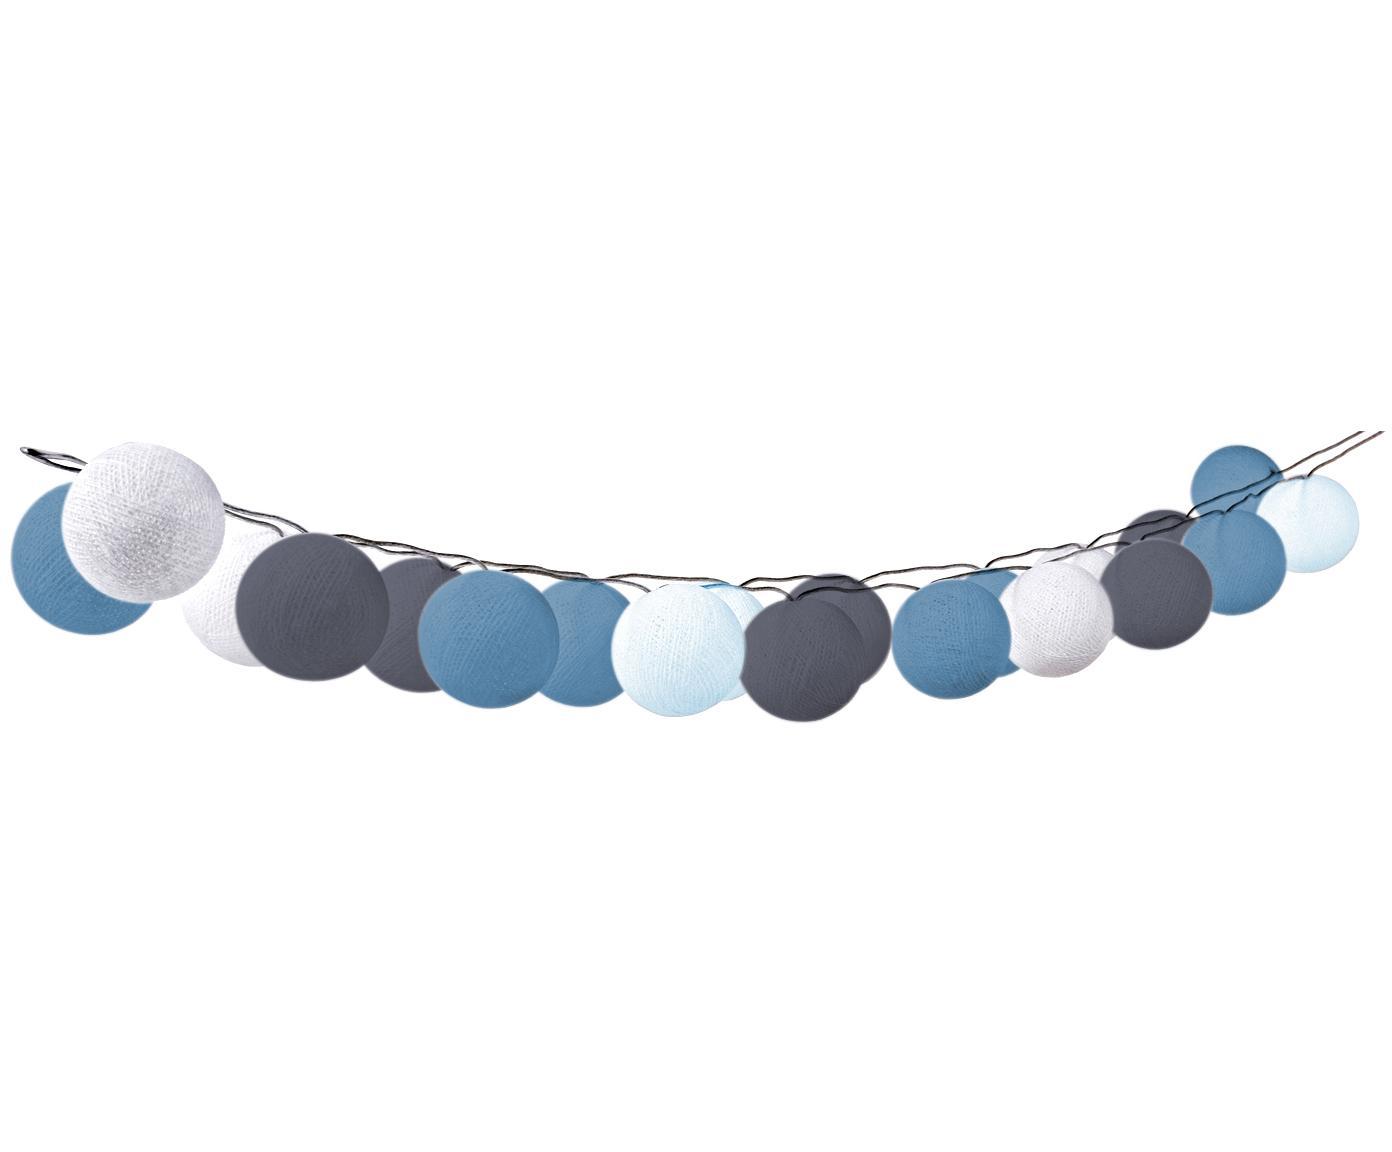 Guirnalda de luces LED Bellin, 320cm, Linternas: algodón, Cable: plástico, Azul, azul claro, azul oscuro, blanco, L 320 cm